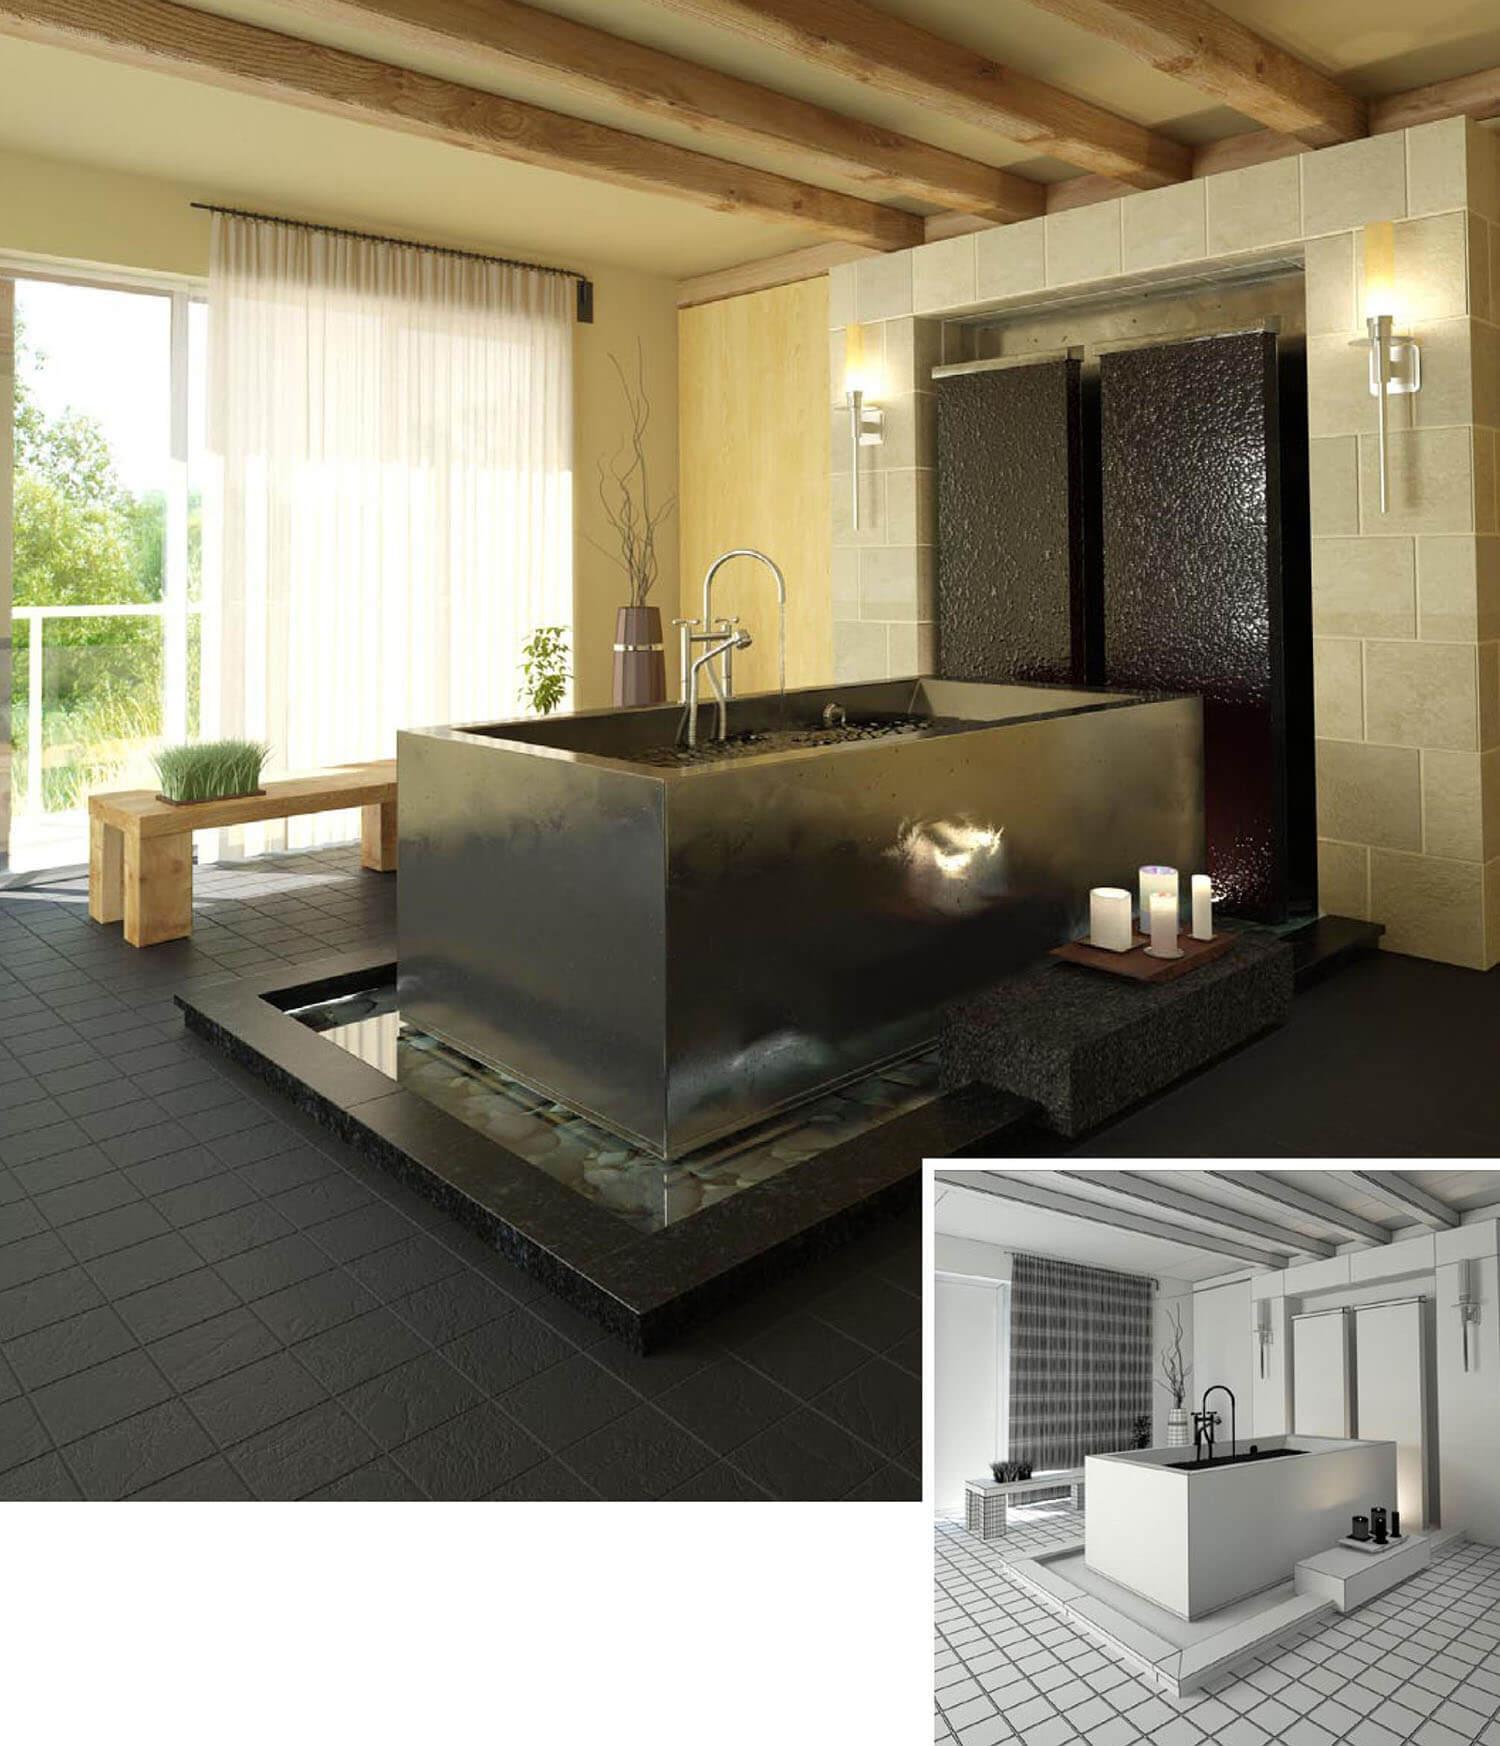 Mẫu phòng tắm với trần gỗ, ốp đá tường